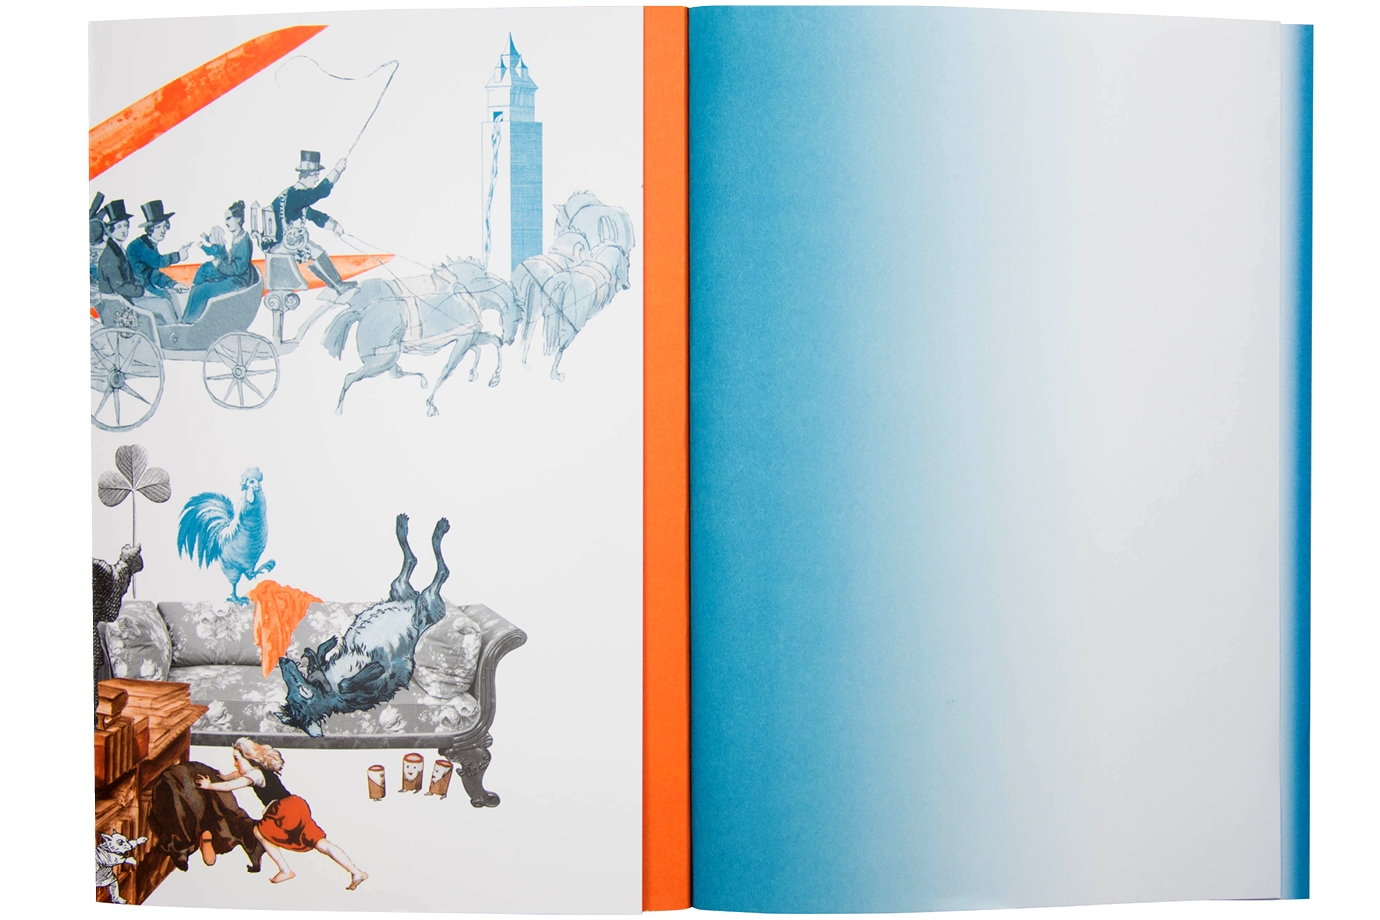 http://e-o-t.de/wordpress/wp-content/uploads/2017/05/2015_eot-Grimmwelt-Book-02.jpg